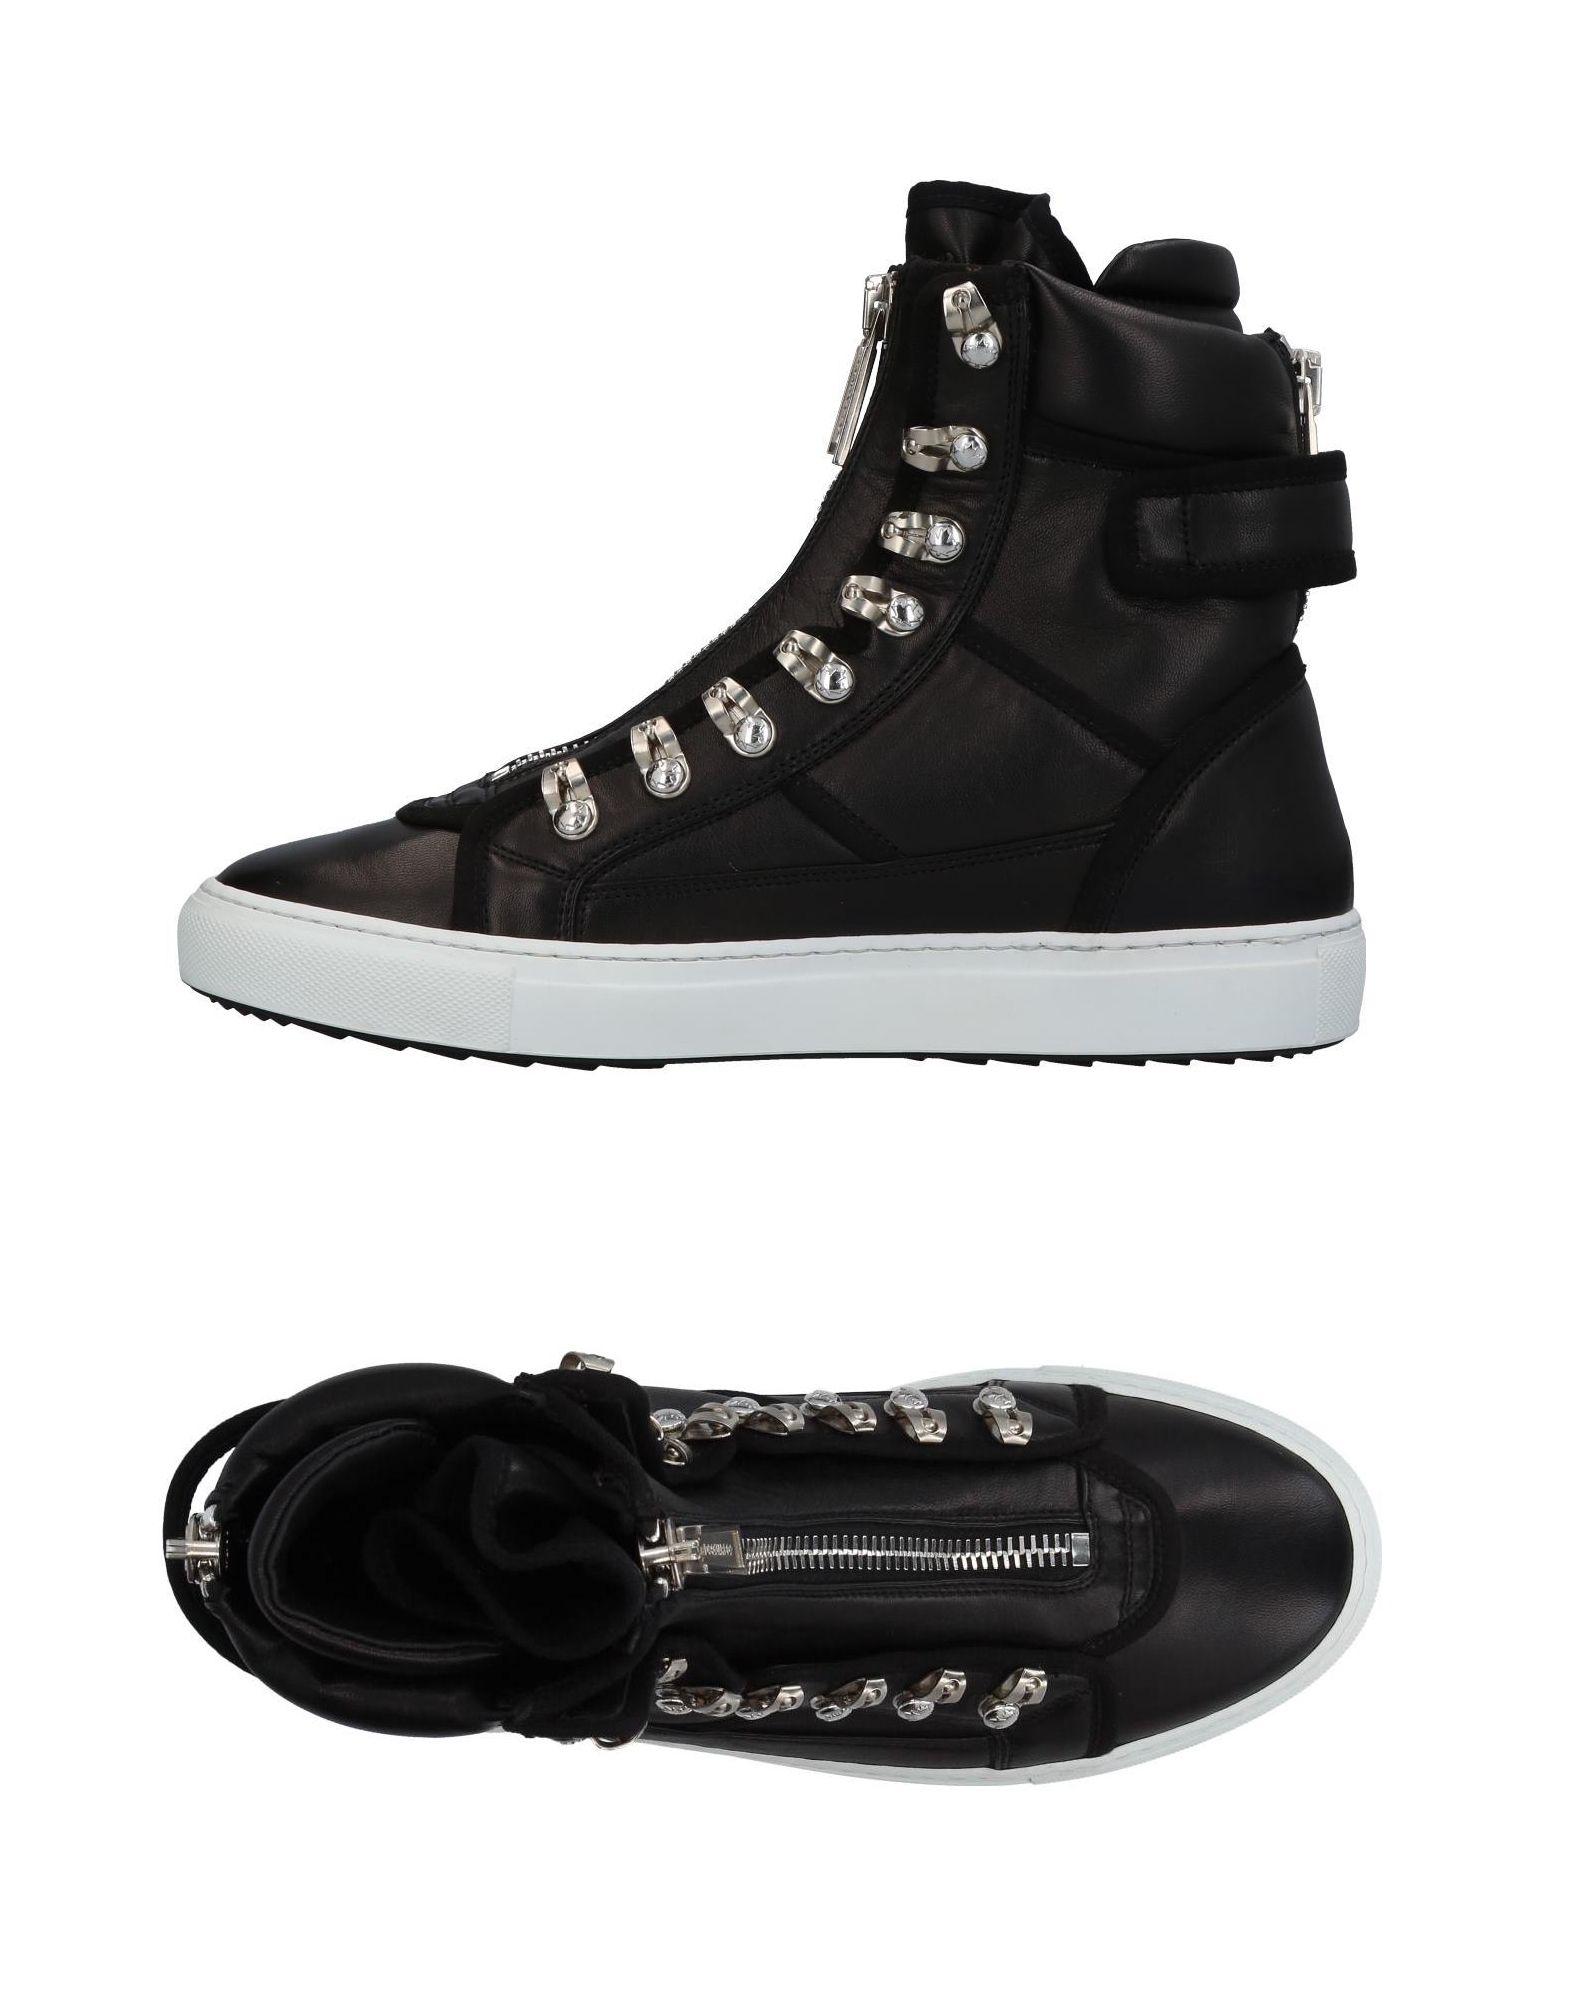 Dsquared2 Sneakers Herren beliebte  11409362BD Gute Qualität beliebte Herren Schuhe f56c1e